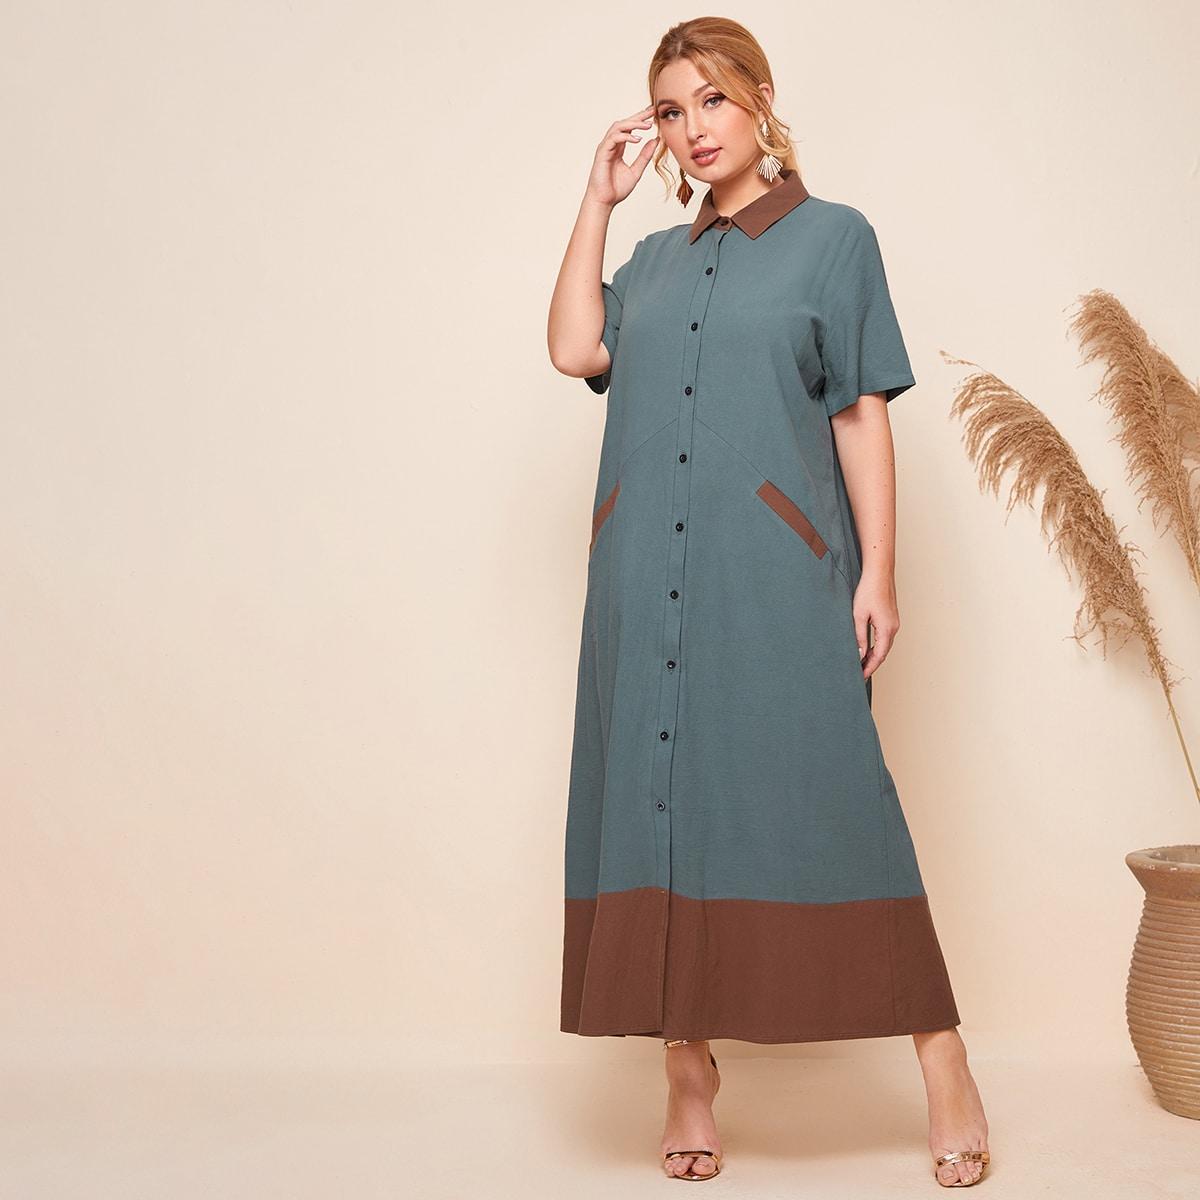 SHEIN / Zweifarbiges Hemdkleid mit Knöpfen